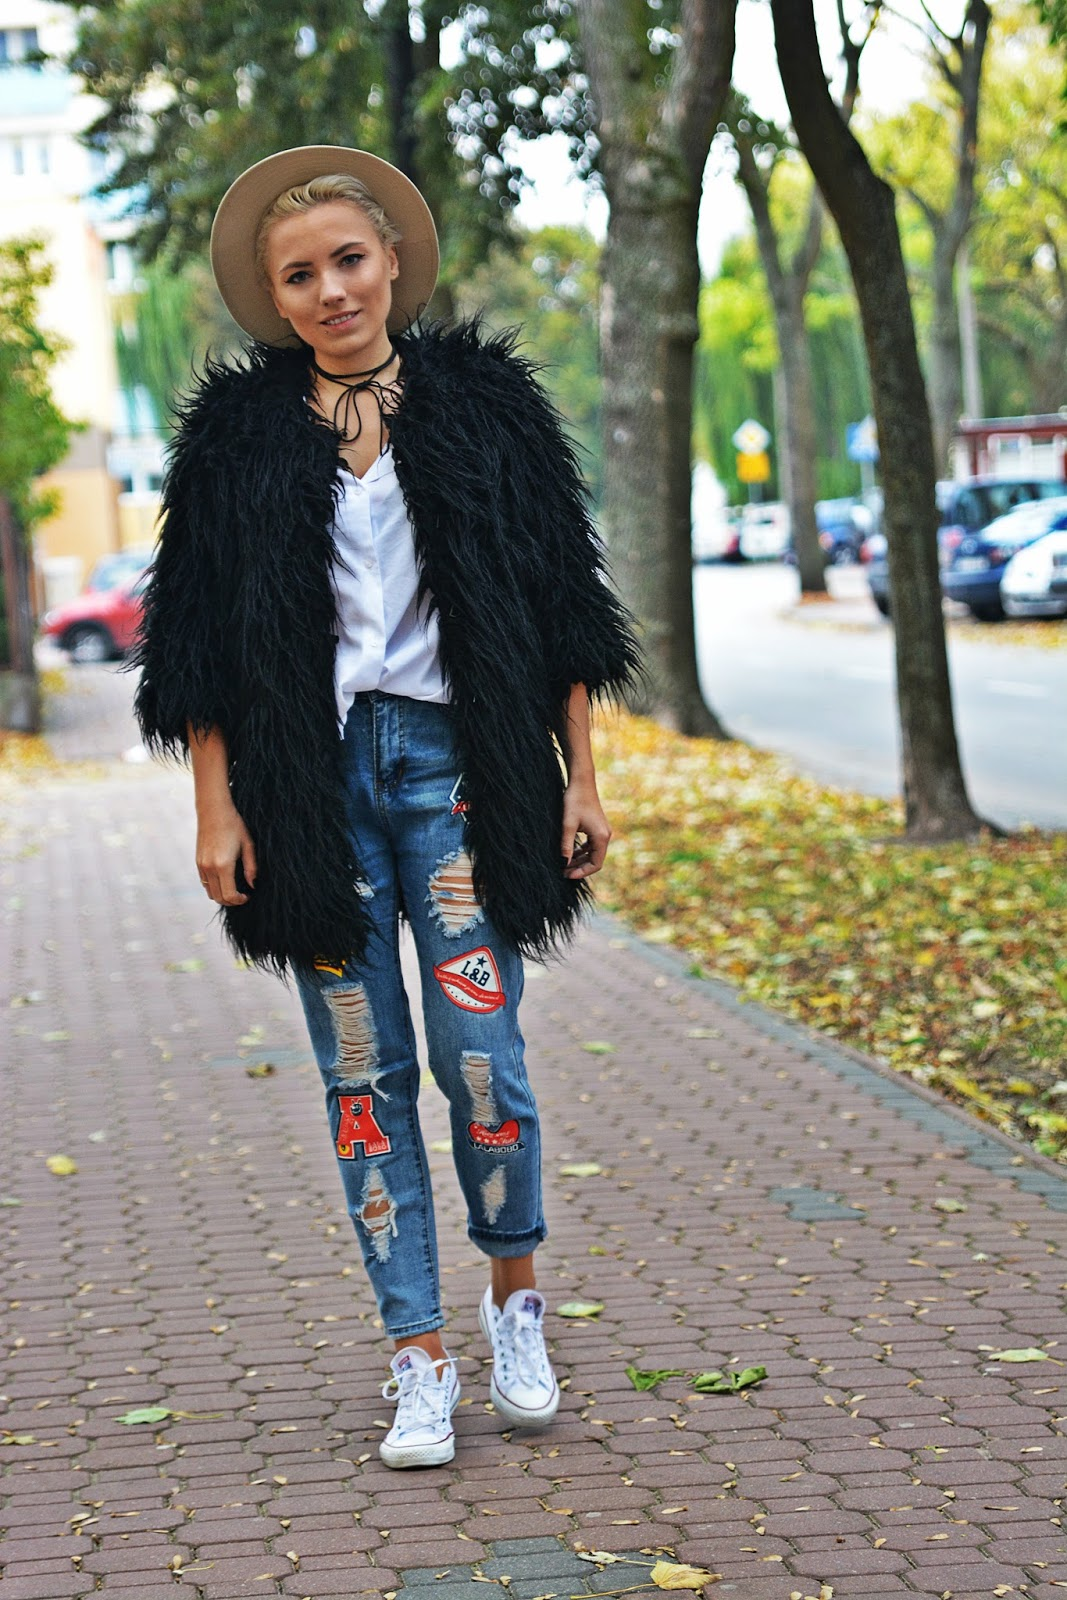 spodnie_z_naszywkami_blogerka_karyn_pulawy_futerko_czarne_2812161